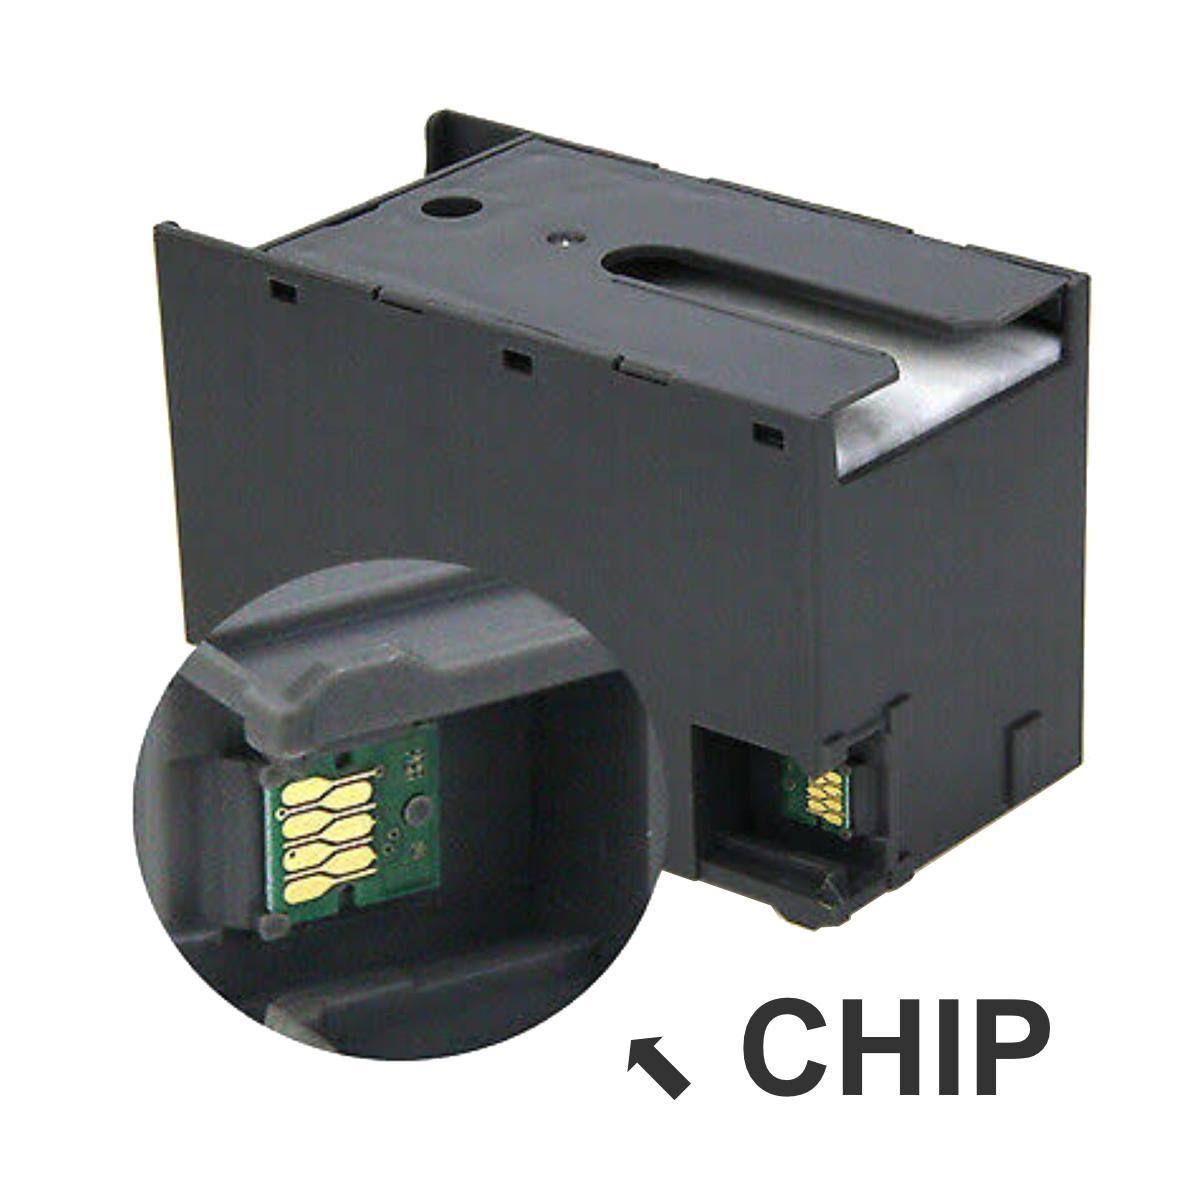 CHIP COMPATÍVEL PARA CAIXA DE MANUTENÇÃO EPSON T04D100